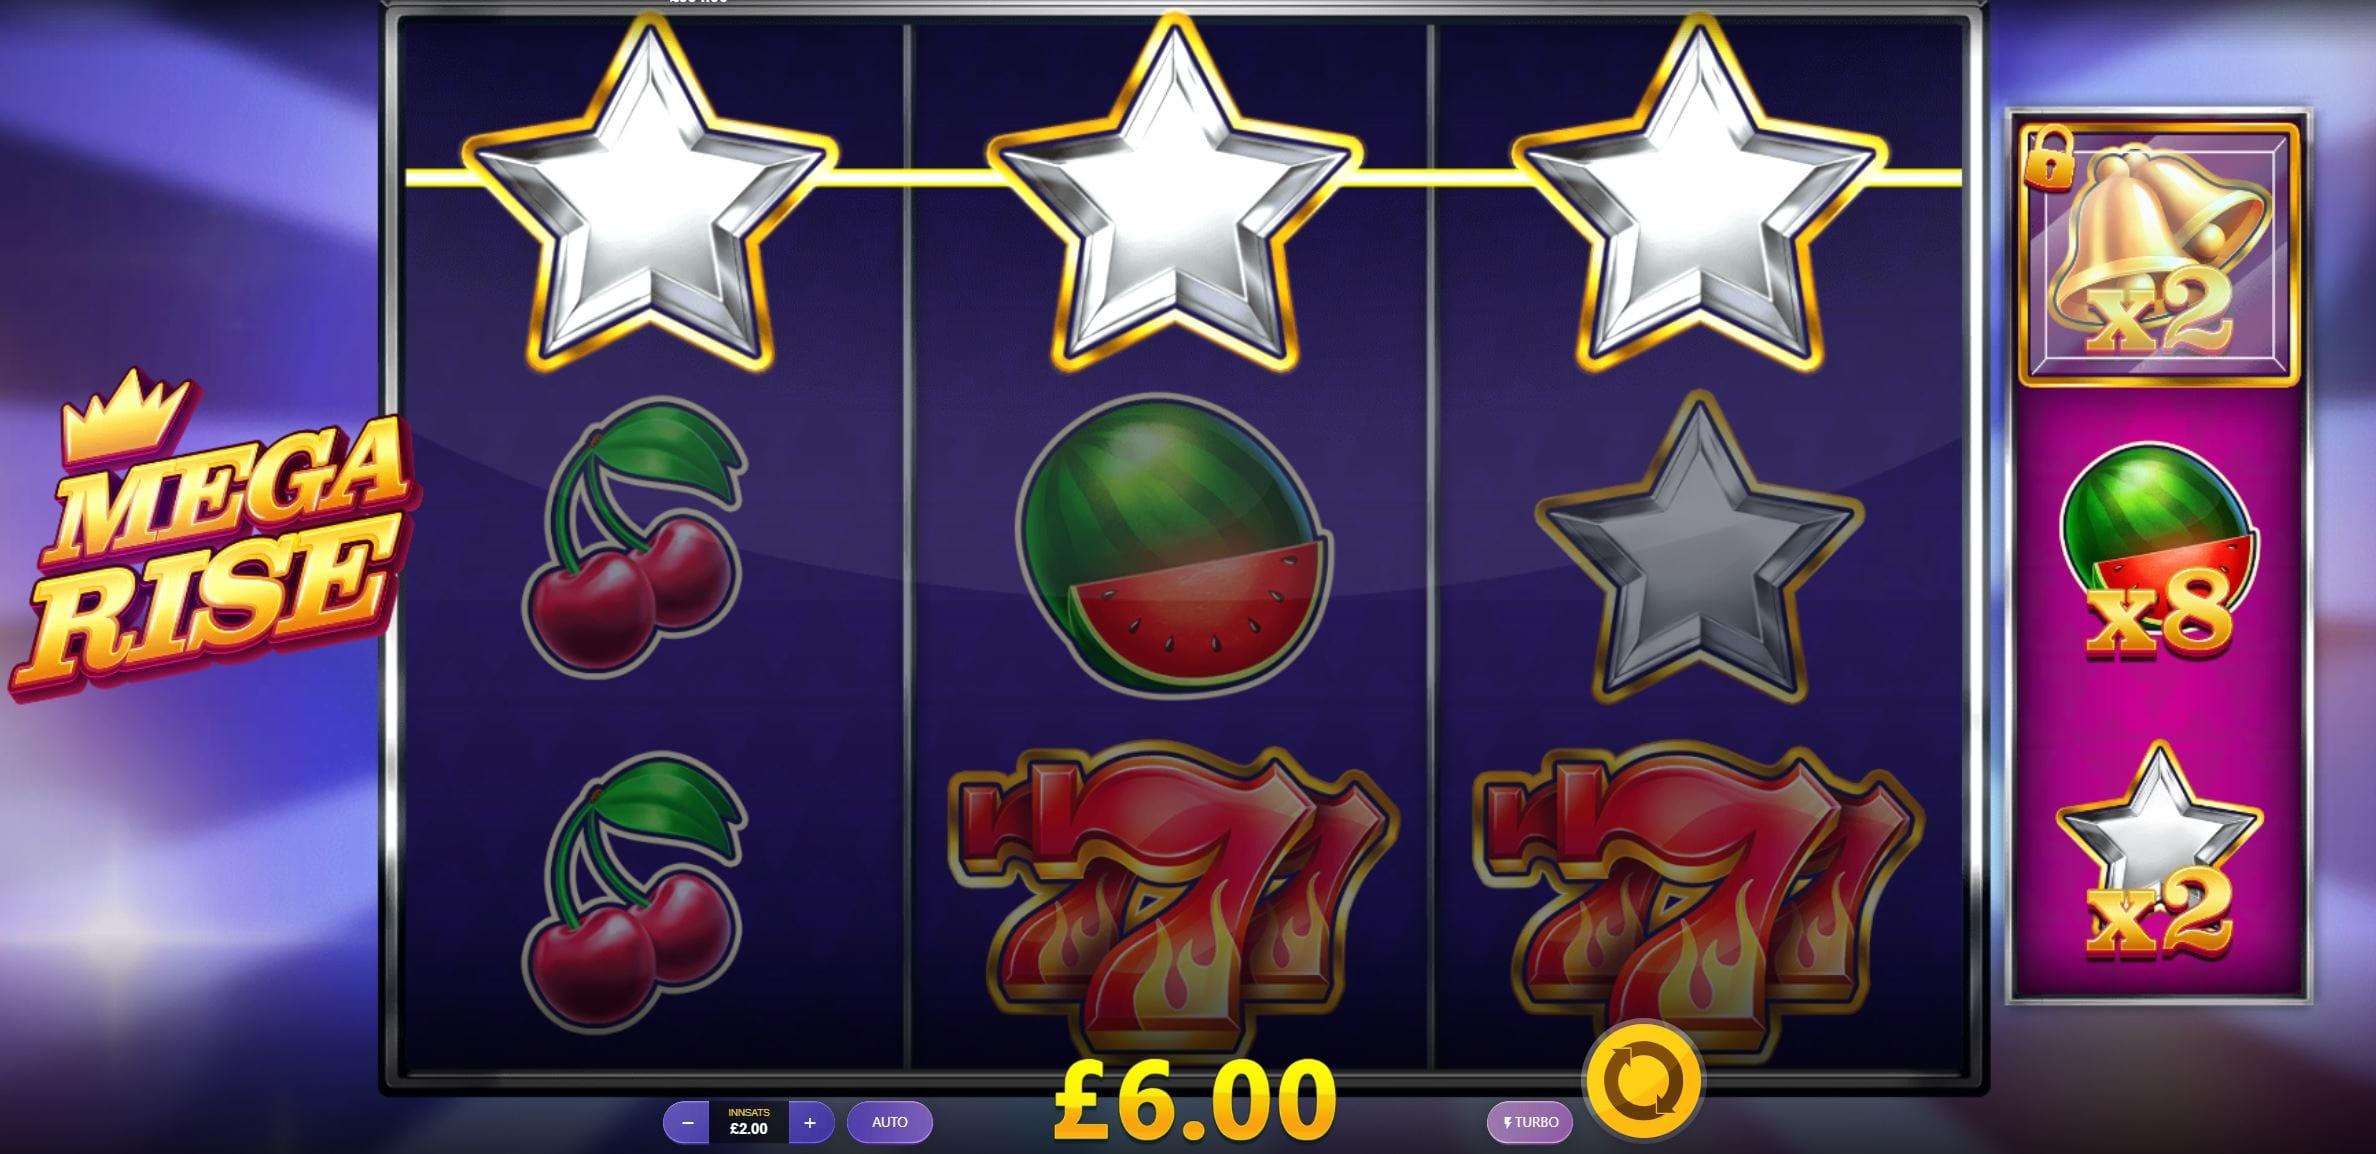 mega rise barbados bingo gameplay